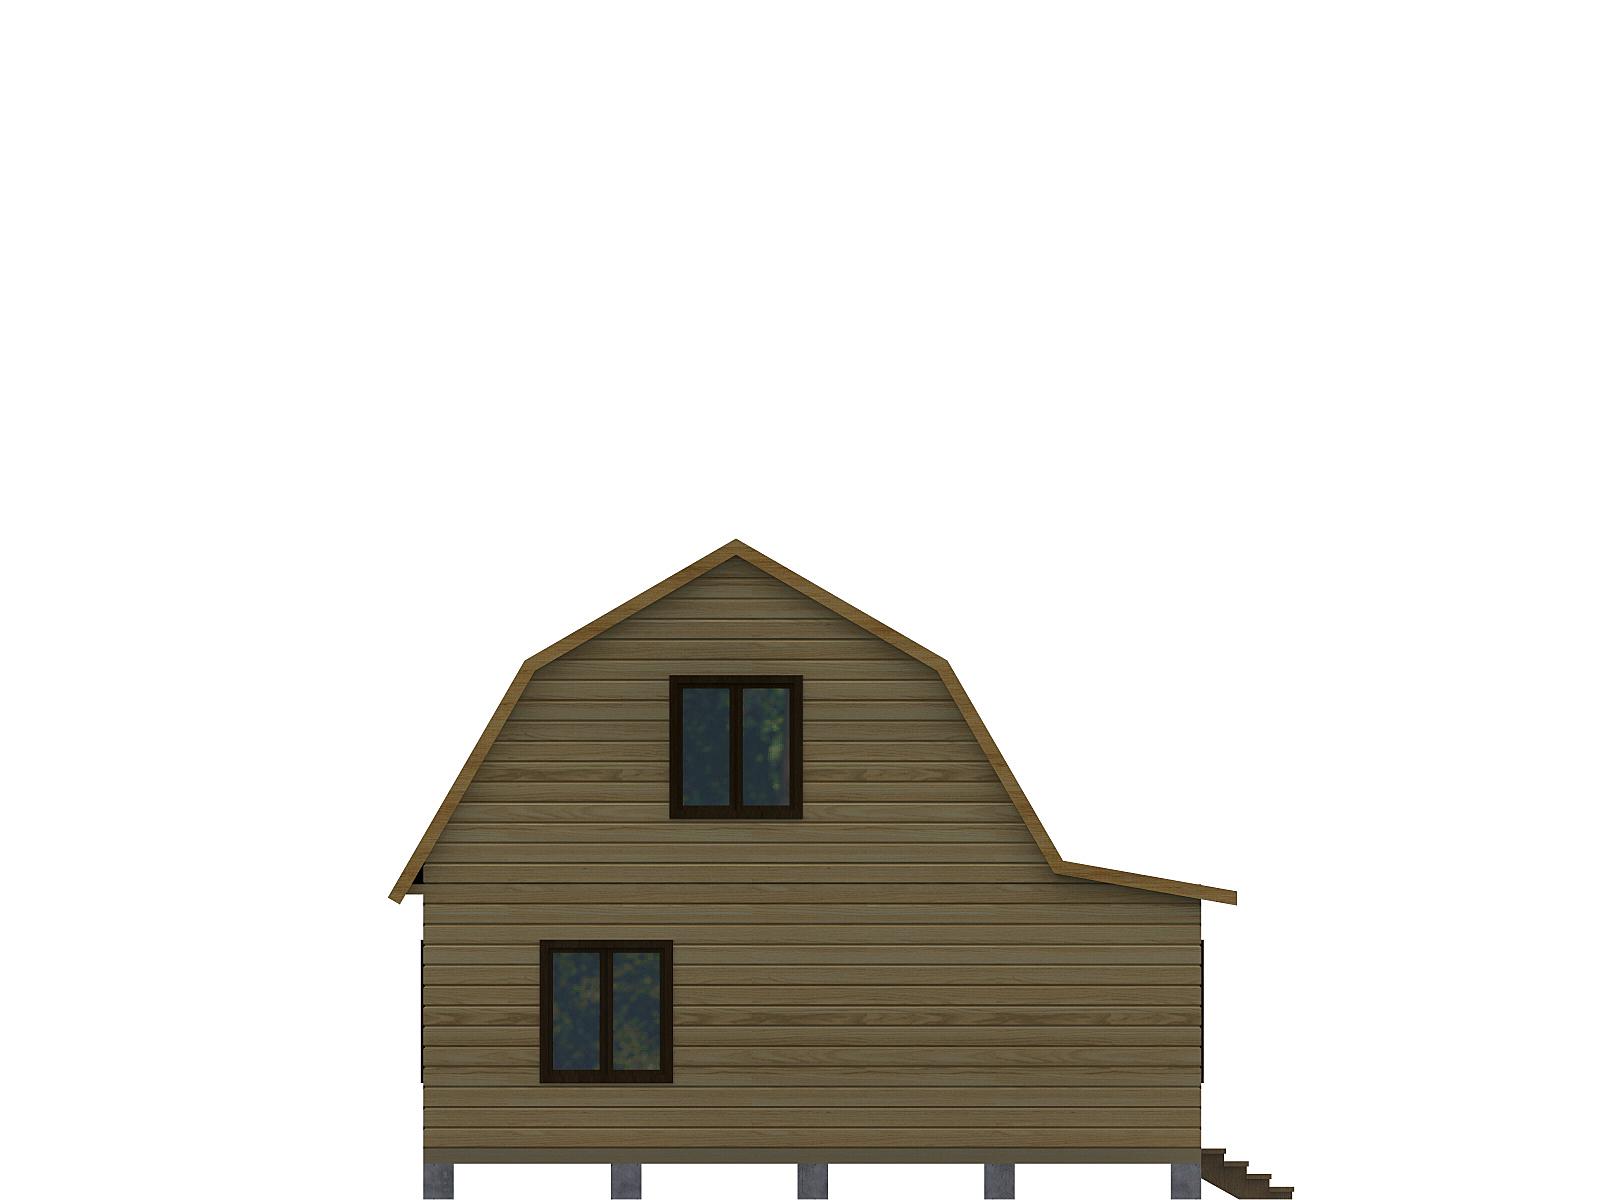 Проект дома из бруса 7.5х7.5. Разрез 2.